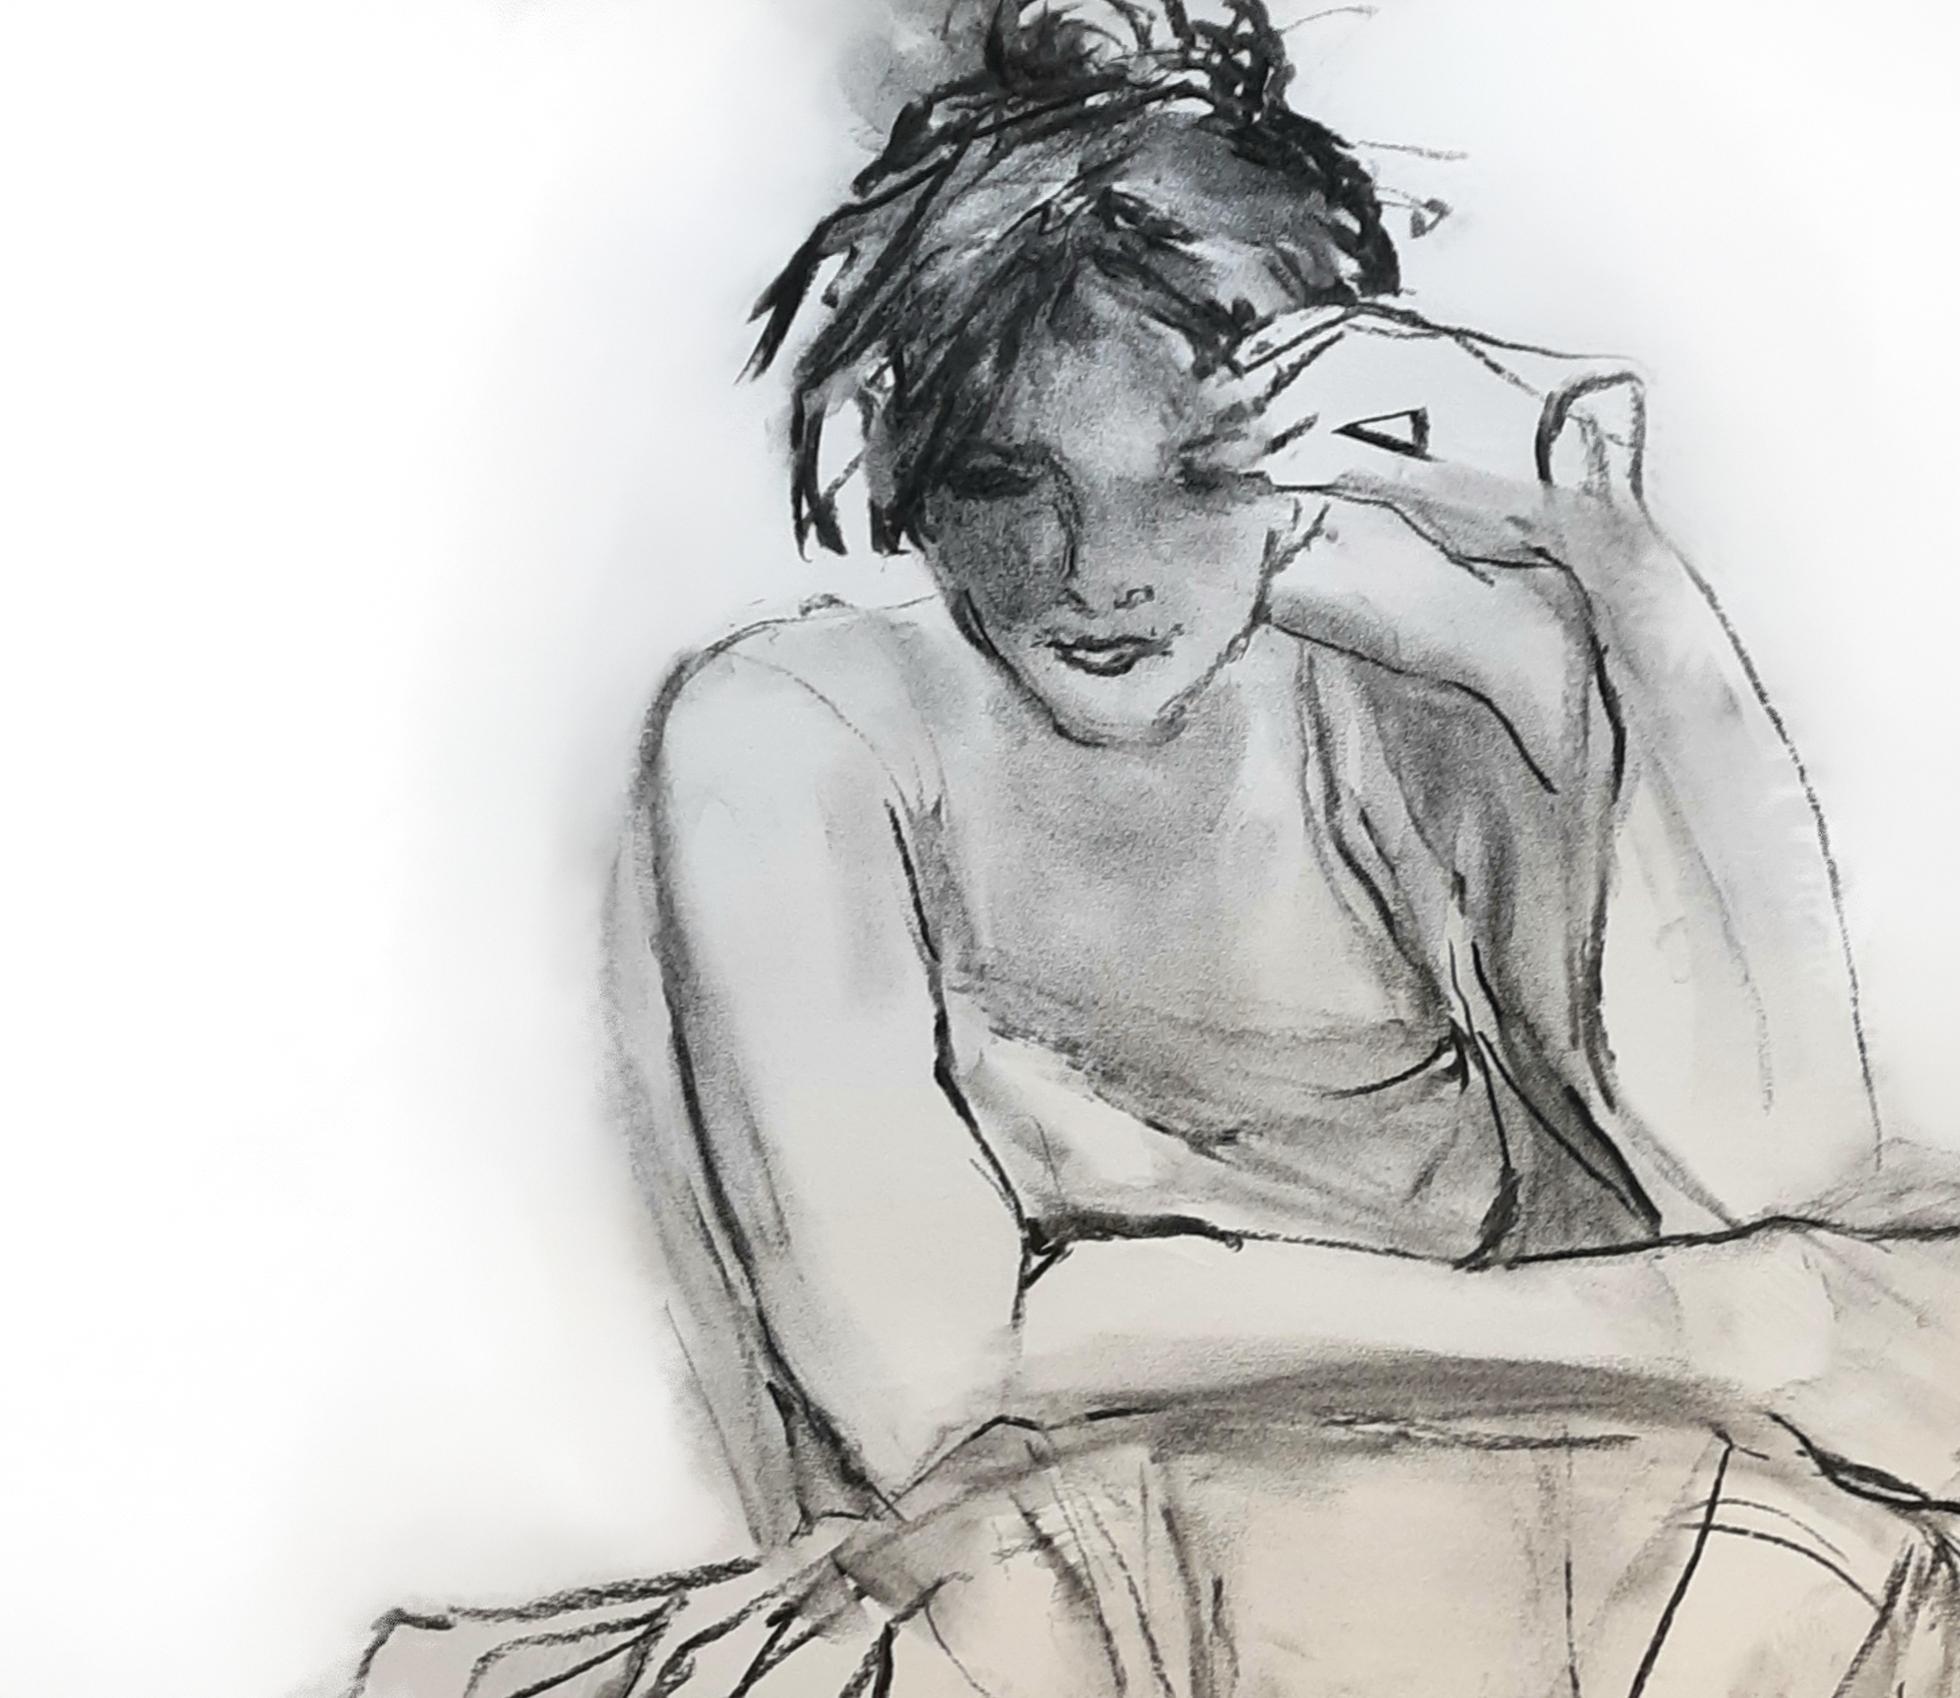 Soft Edge, a sketch by Suzanne Gaffney Beason